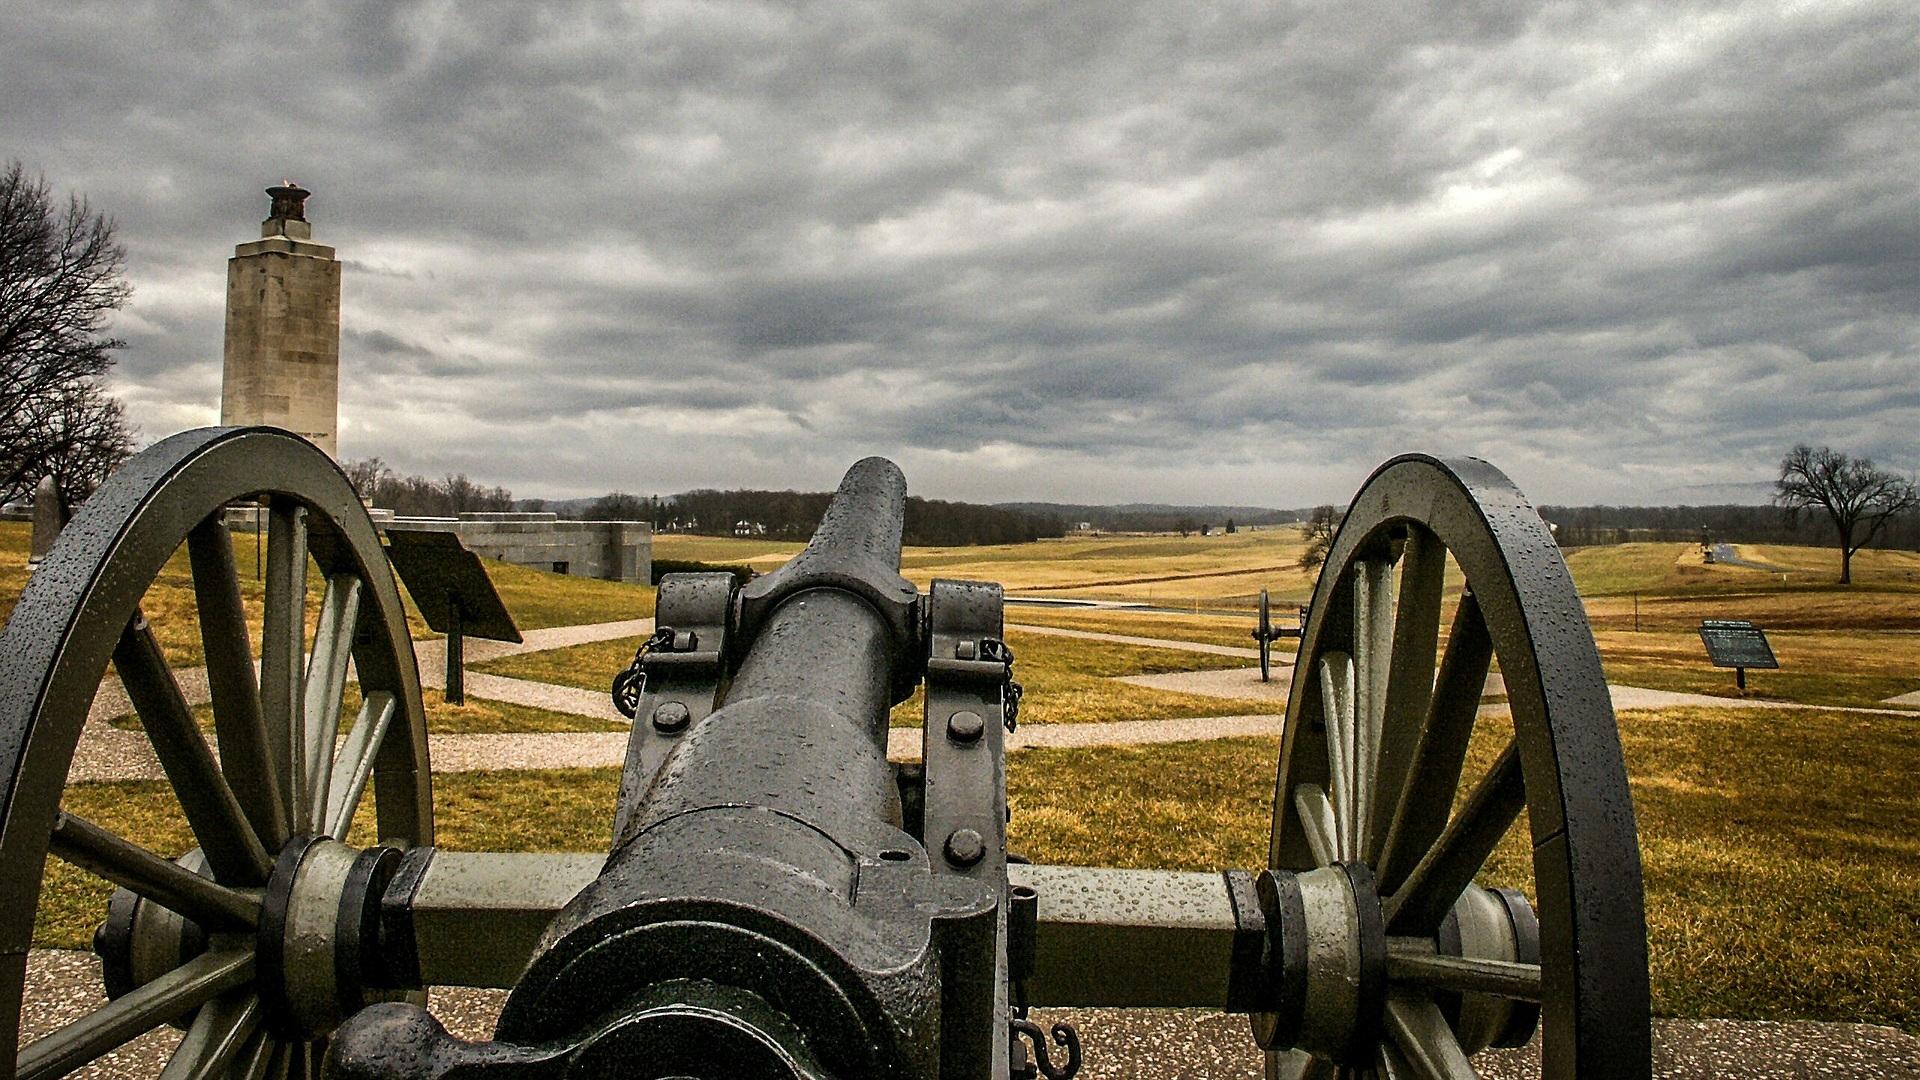 """Gettysburg - En heldagsutflykt på 10,5 timmar. Här får du vandra på klassisk mark, där slaget om Gettysburg ägde rum, tillsammans med en prisbelönt """"Battlefield guide"""". Utöver två timmar på slagfältet får du också chansen att besöka Shriver House Museum."""